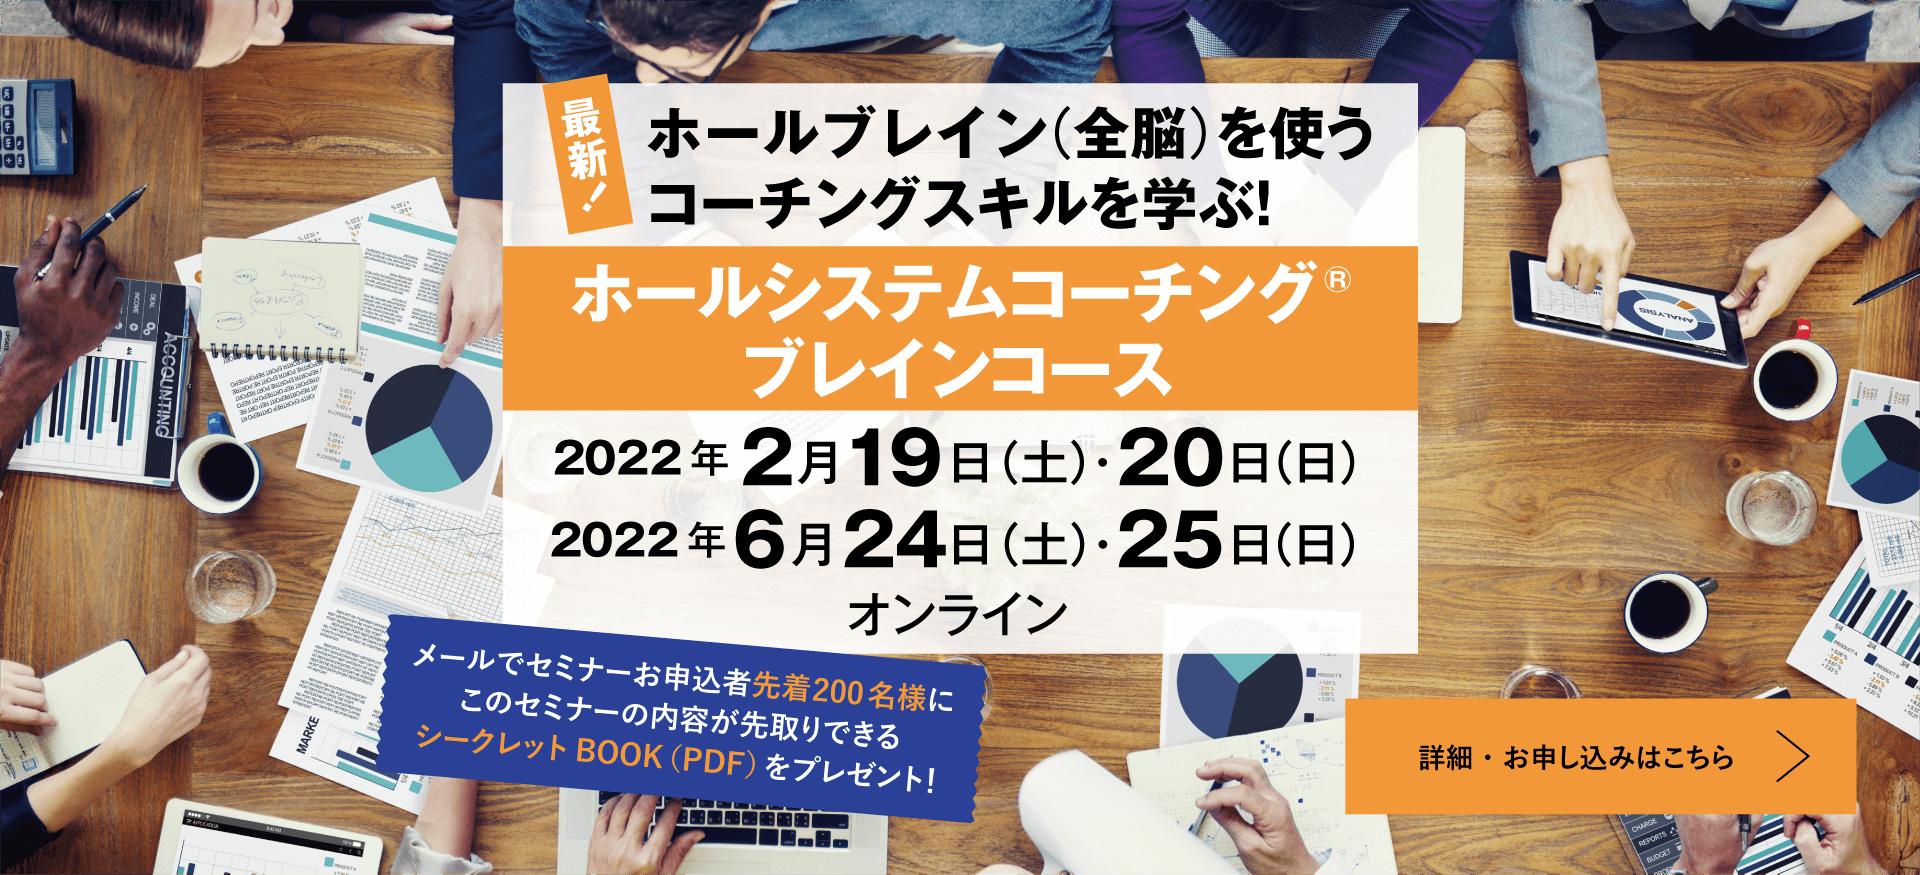 最新! ホールブレイン(全脳)を使うコーチングスキルを学ぶ! ホールシステムコーチング ブレインコース 2019年6月22日(土)・23日(日) 2020年2月15日(土)・16日(日) 大阪/エルおおさか メールでセミナーお申込者先着200名様にこのセミナーの内容が先取りできるシークレットBOOK(PDF)をプレゼント!  詳細・お申し込みはこちら